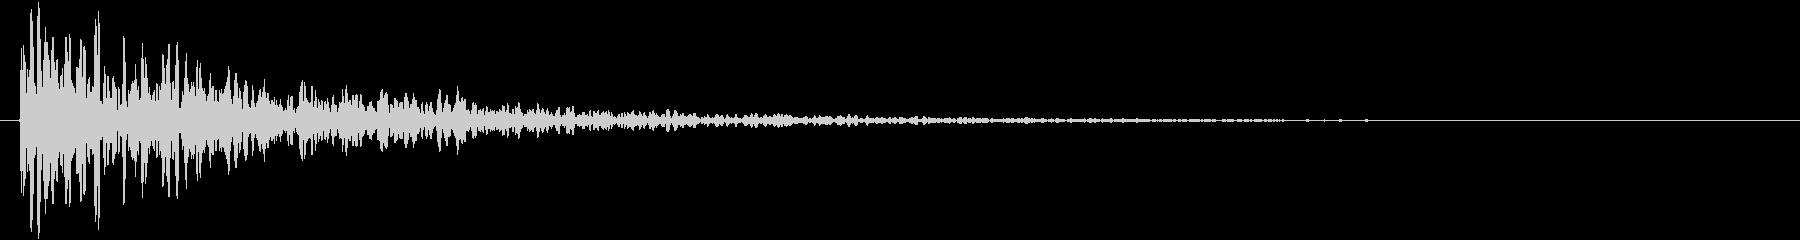 ベースインパクト;ロードラム、ロン...の未再生の波形